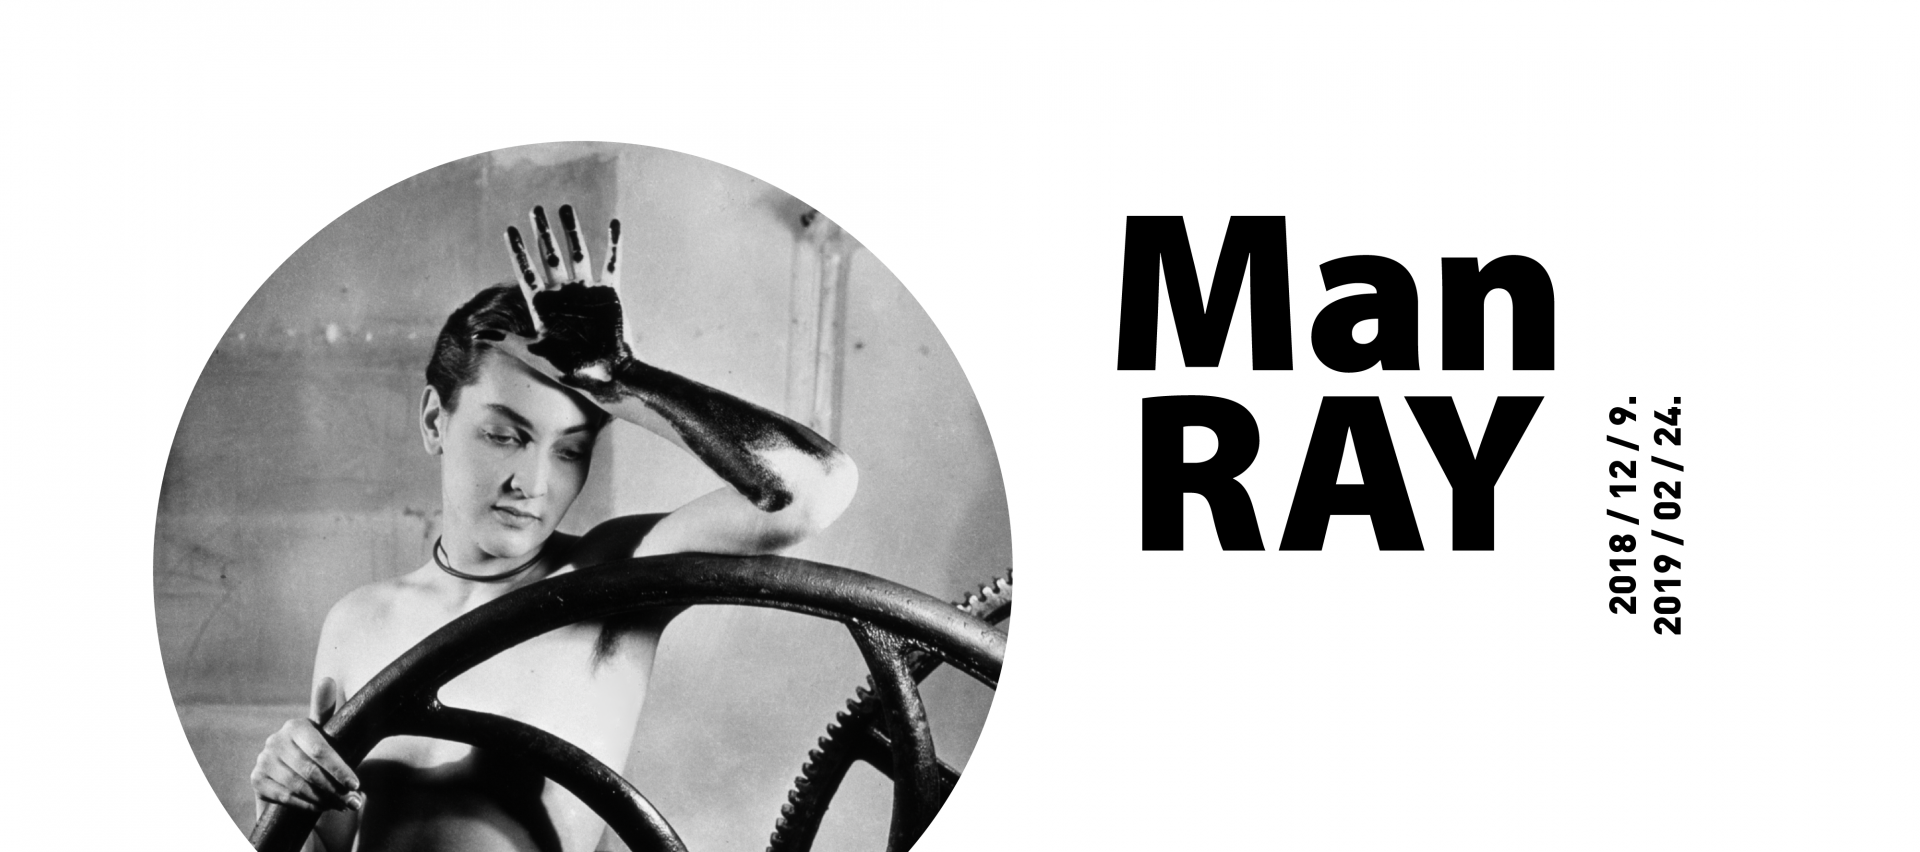 Kísérlettől a művészetig: Man Ray fotográfiái